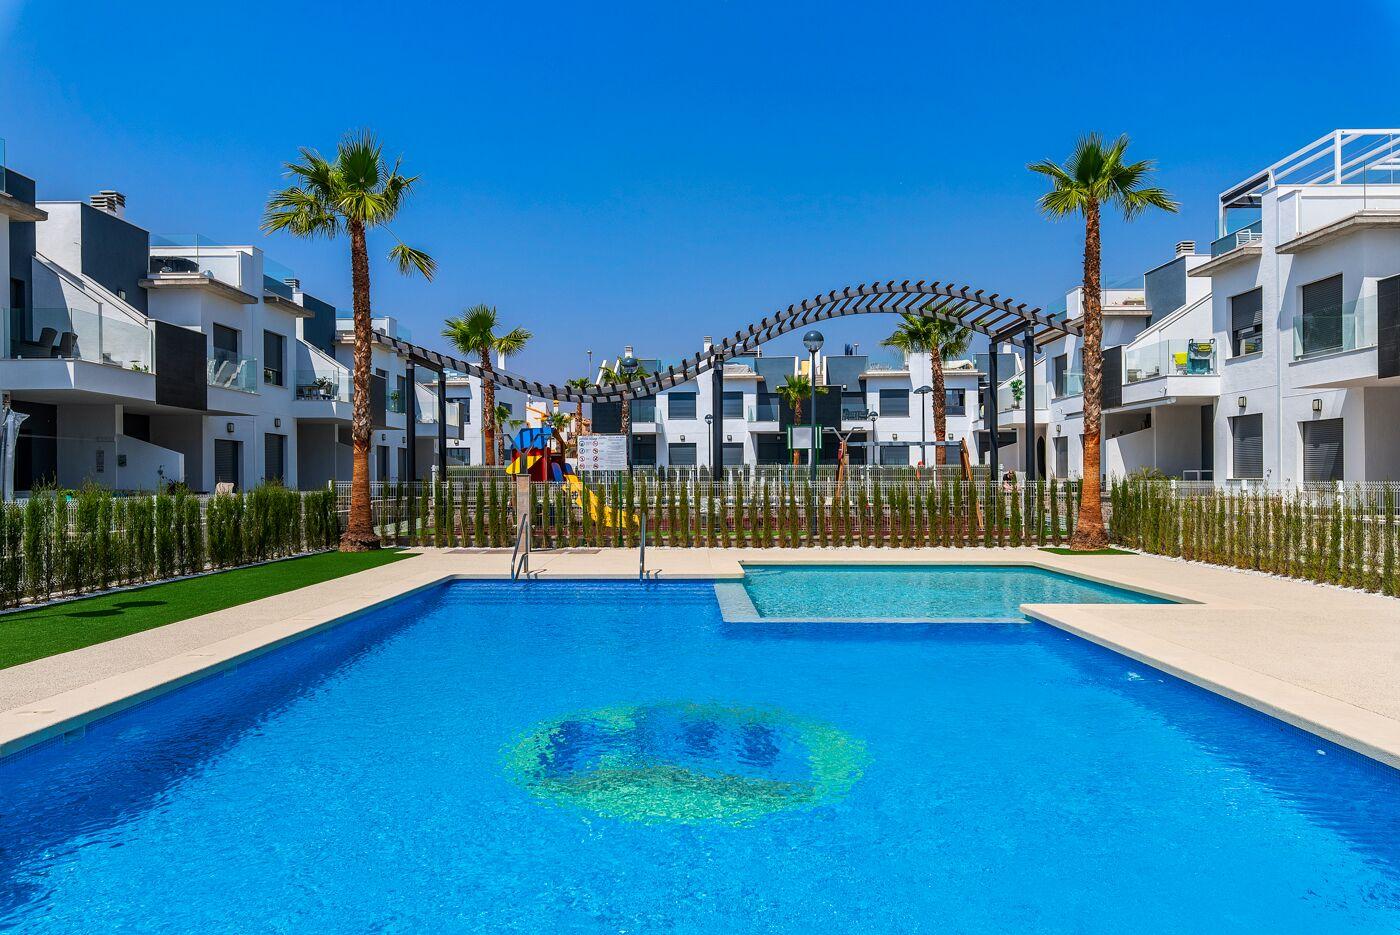 strand appartementen Pilar de la Horadada